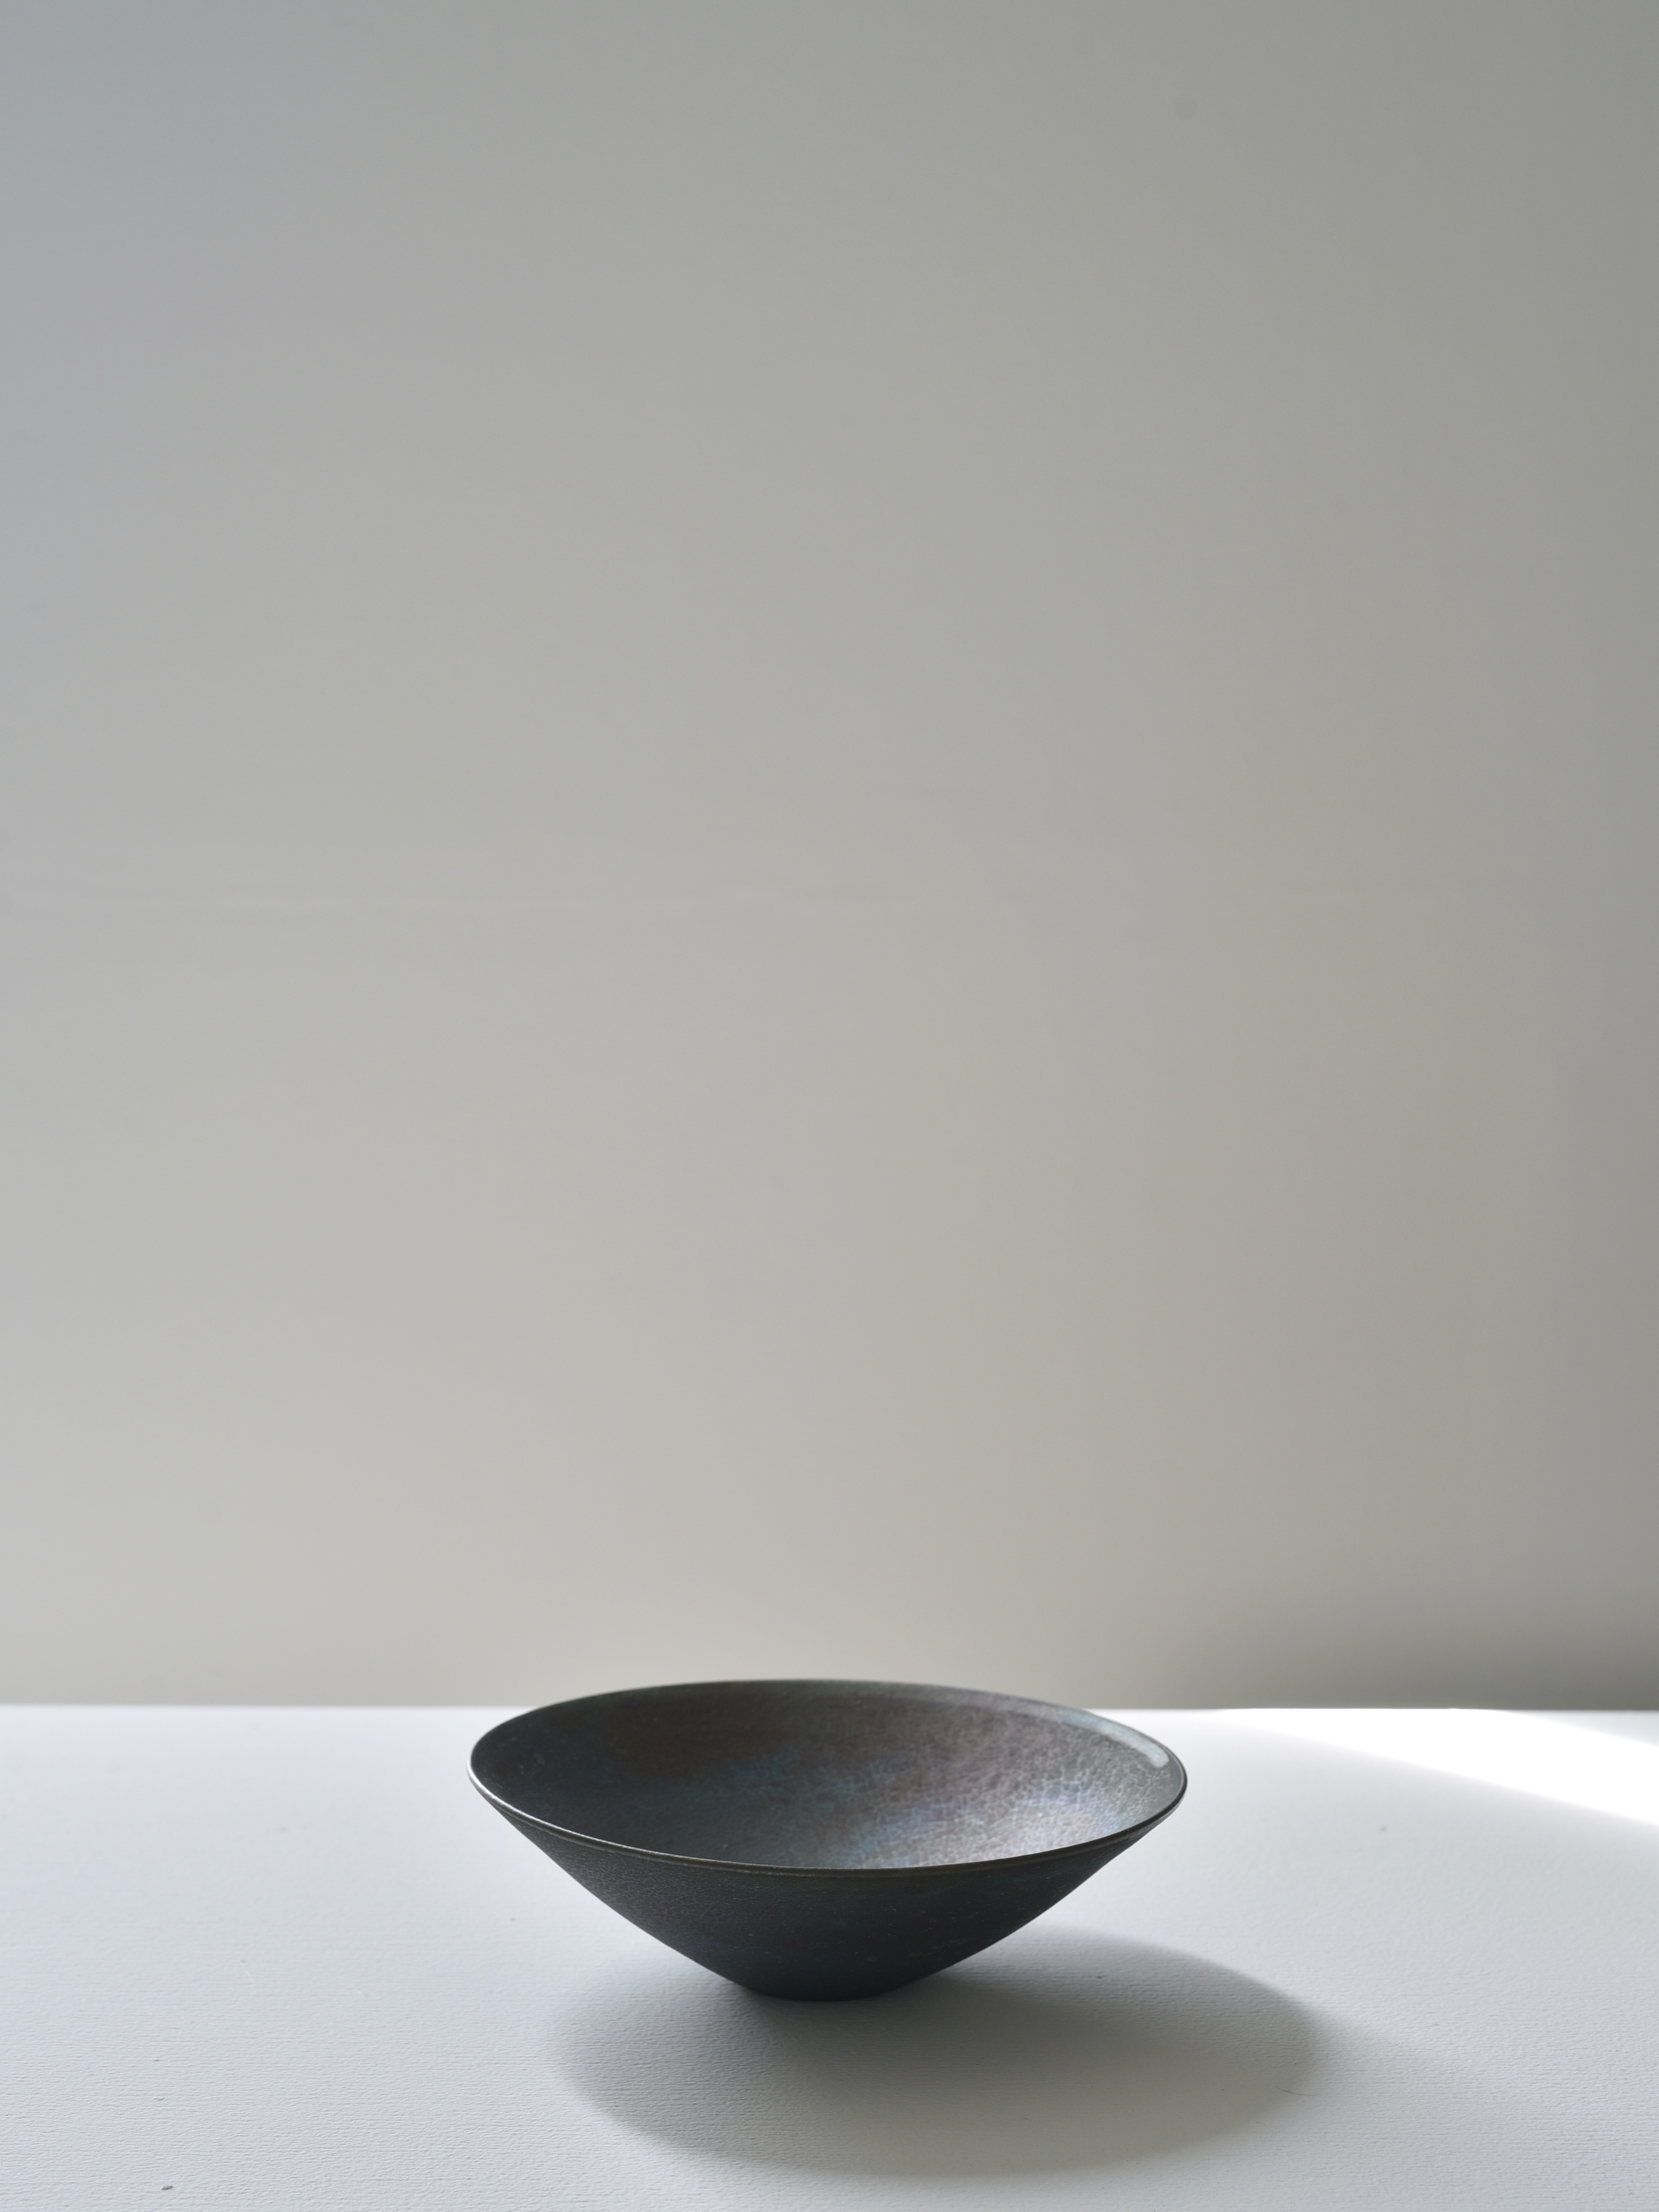 瀬川辰馬|硫化銀彩鉢